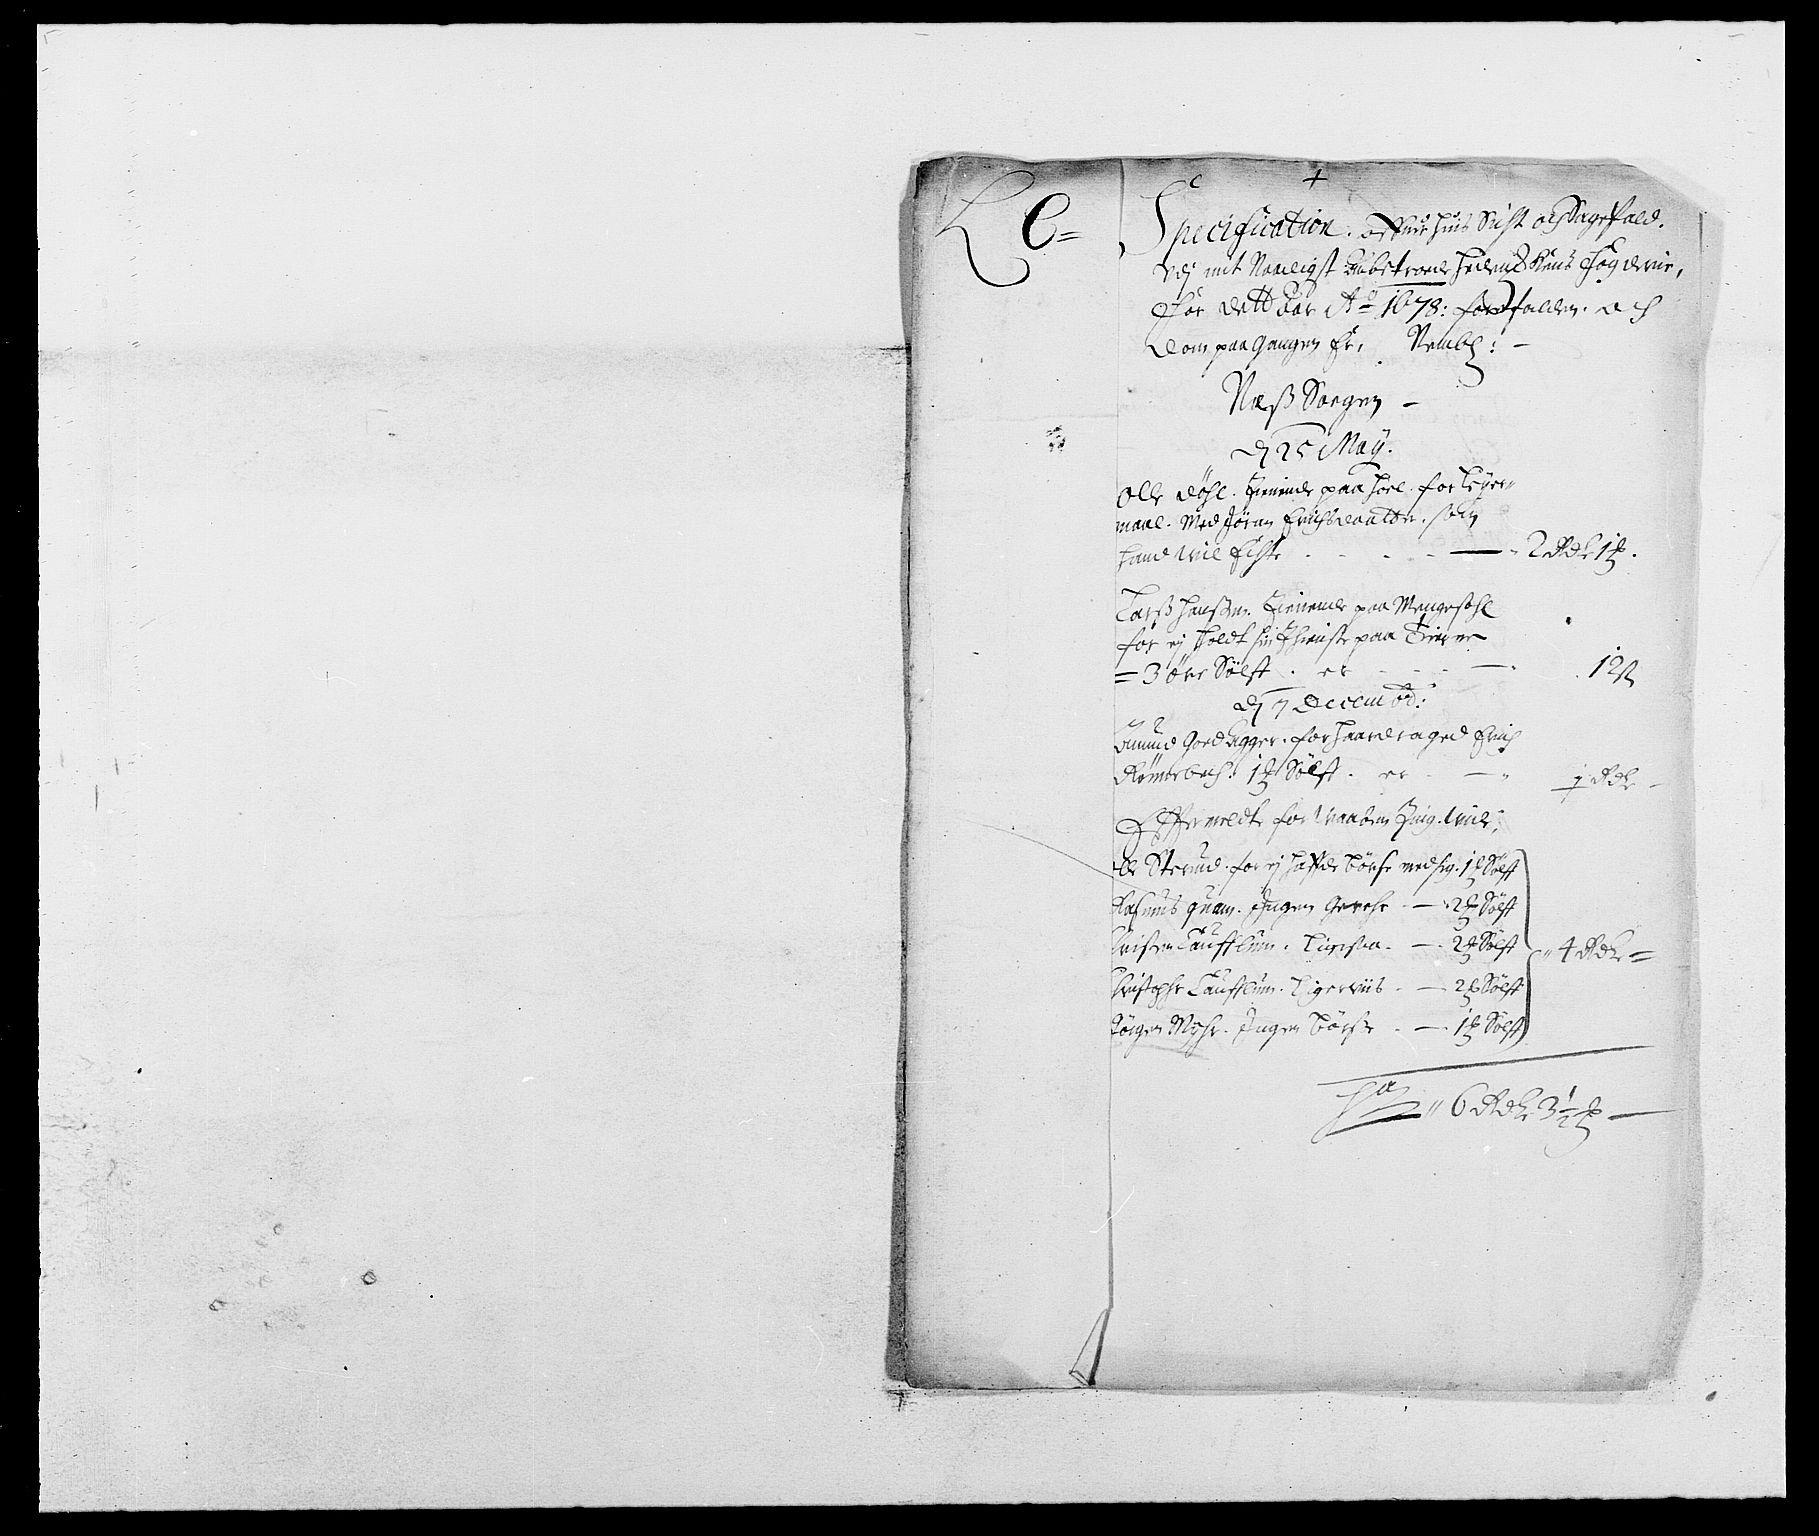 RA, Rentekammeret inntil 1814, Reviderte regnskaper, Fogderegnskap, R16/L1017: Fogderegnskap Hedmark, 1678-1679, s. 185